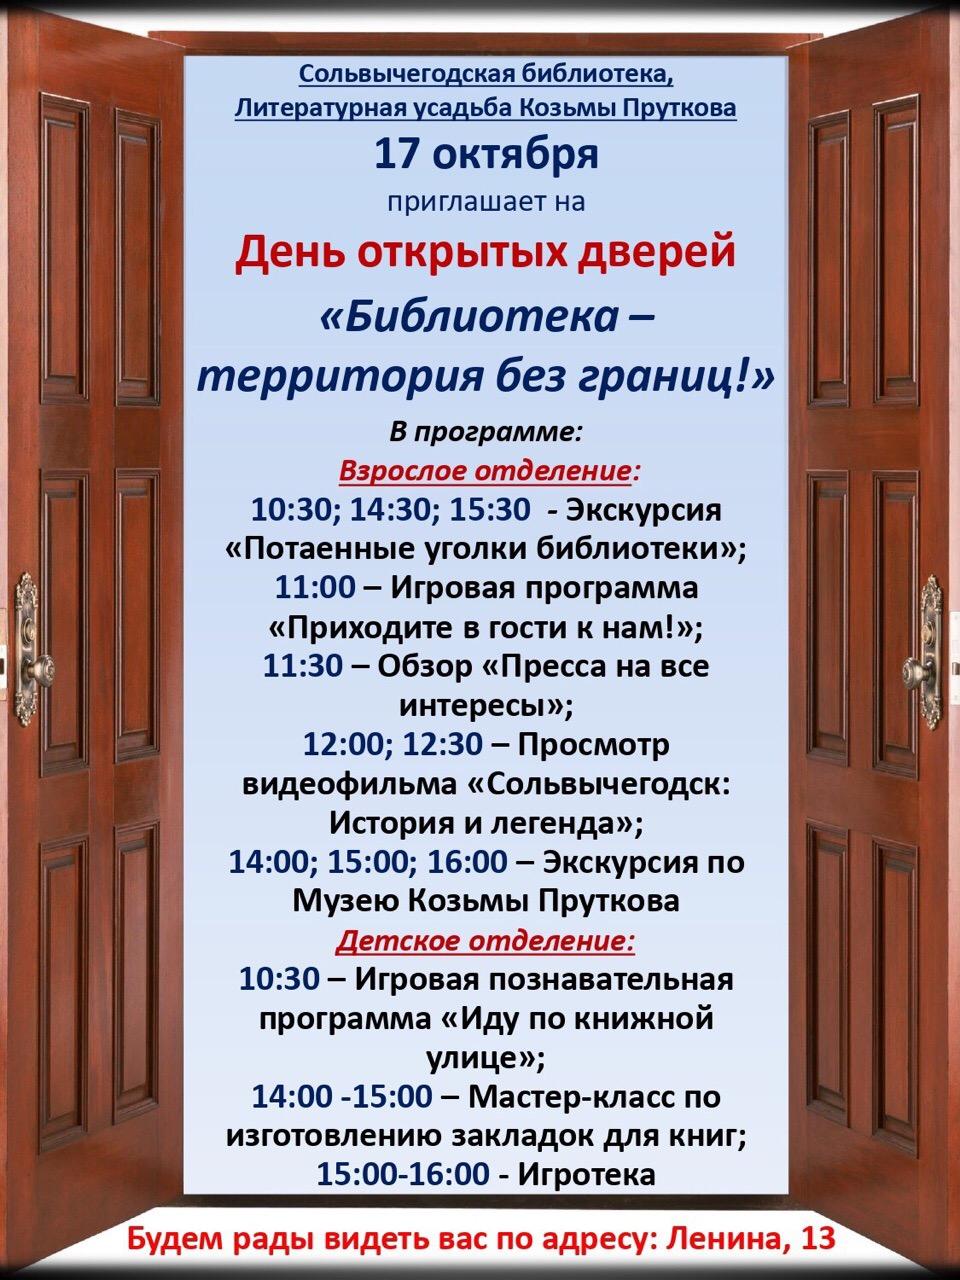 картинки к дню открытых дверей в библиотеке сообщалось